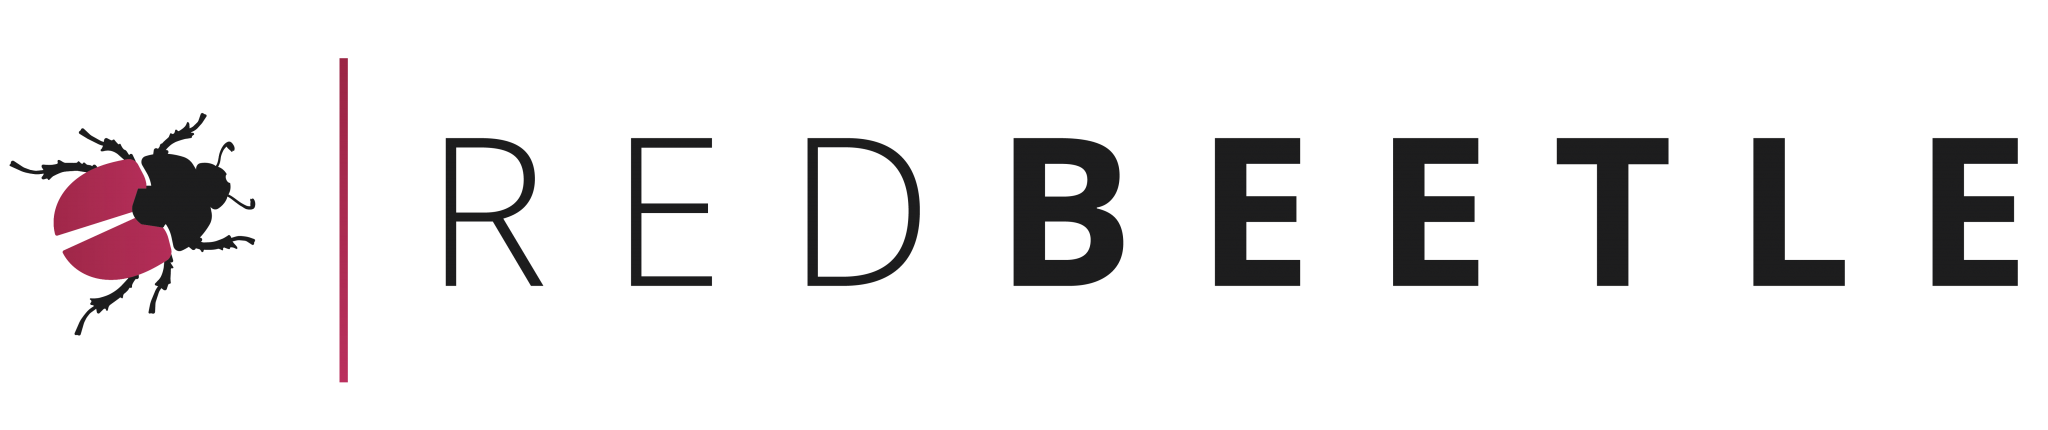 redbeetle_logo_2016_print-01